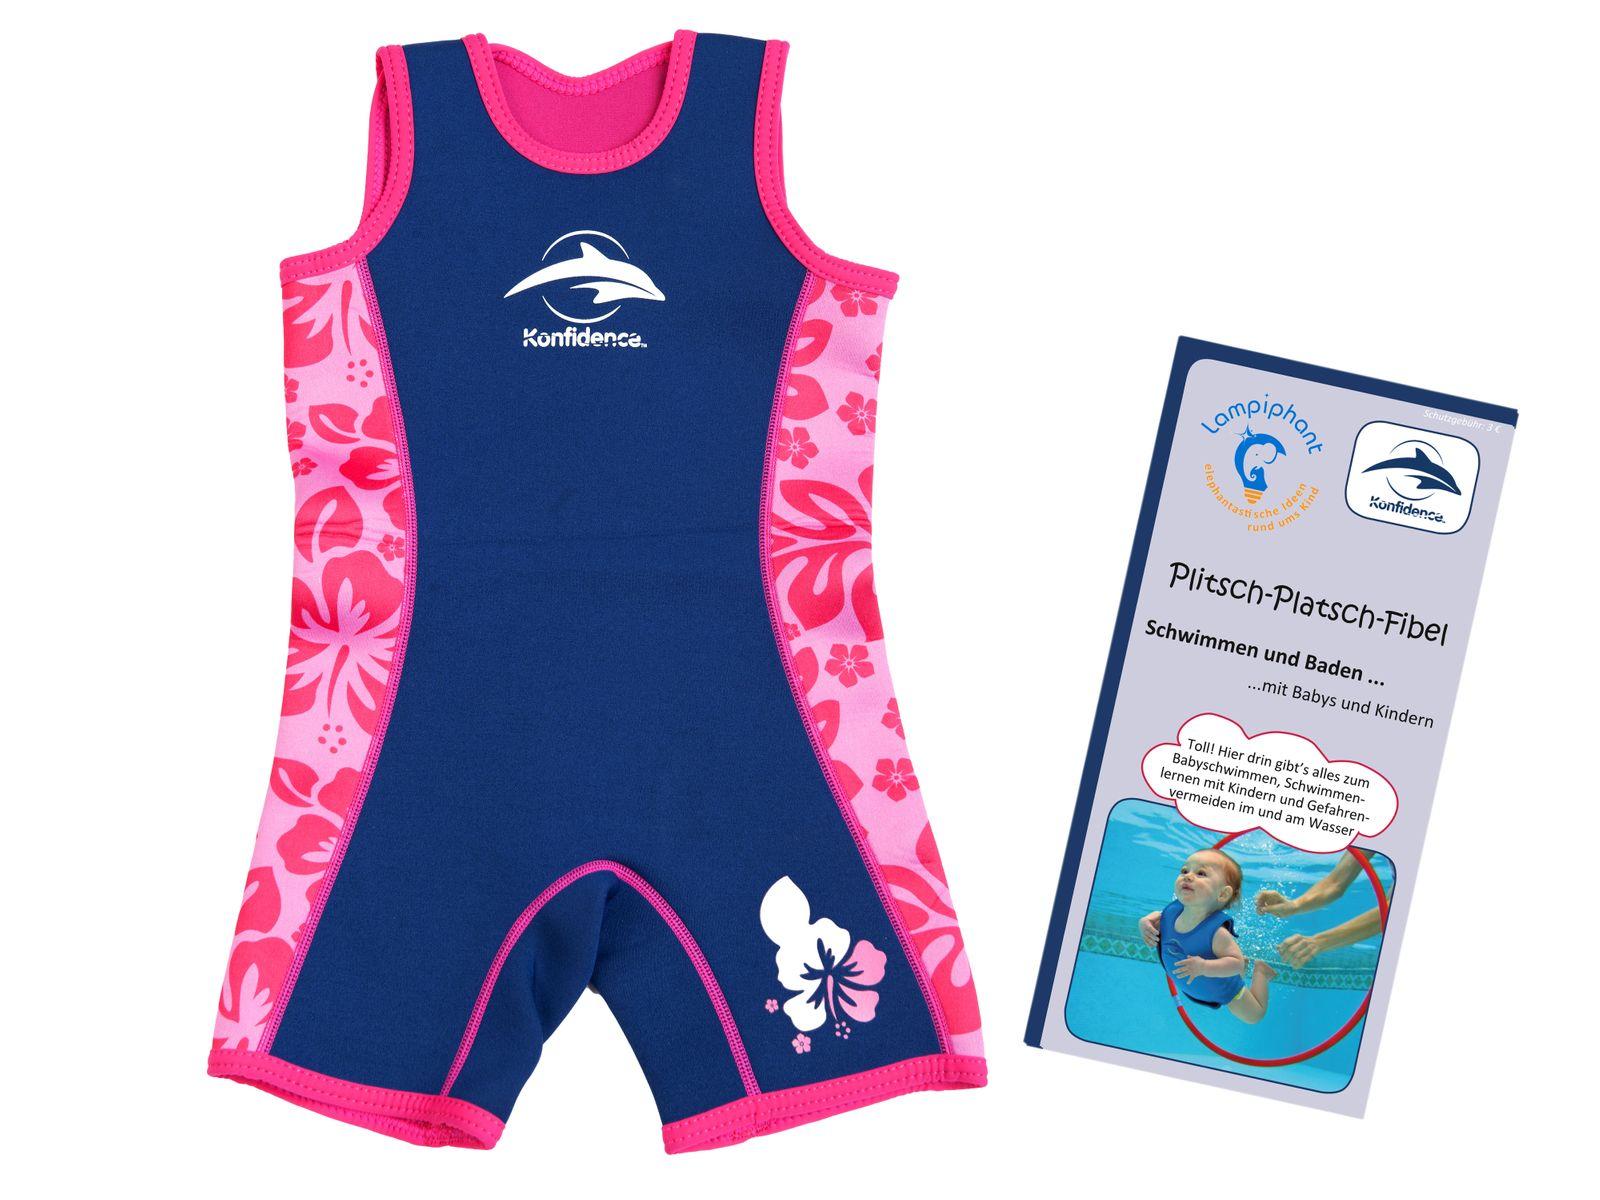 Warma, Neopren-Schwimmanzug mit Plitsch-Platsch-Fibel – Bild 8